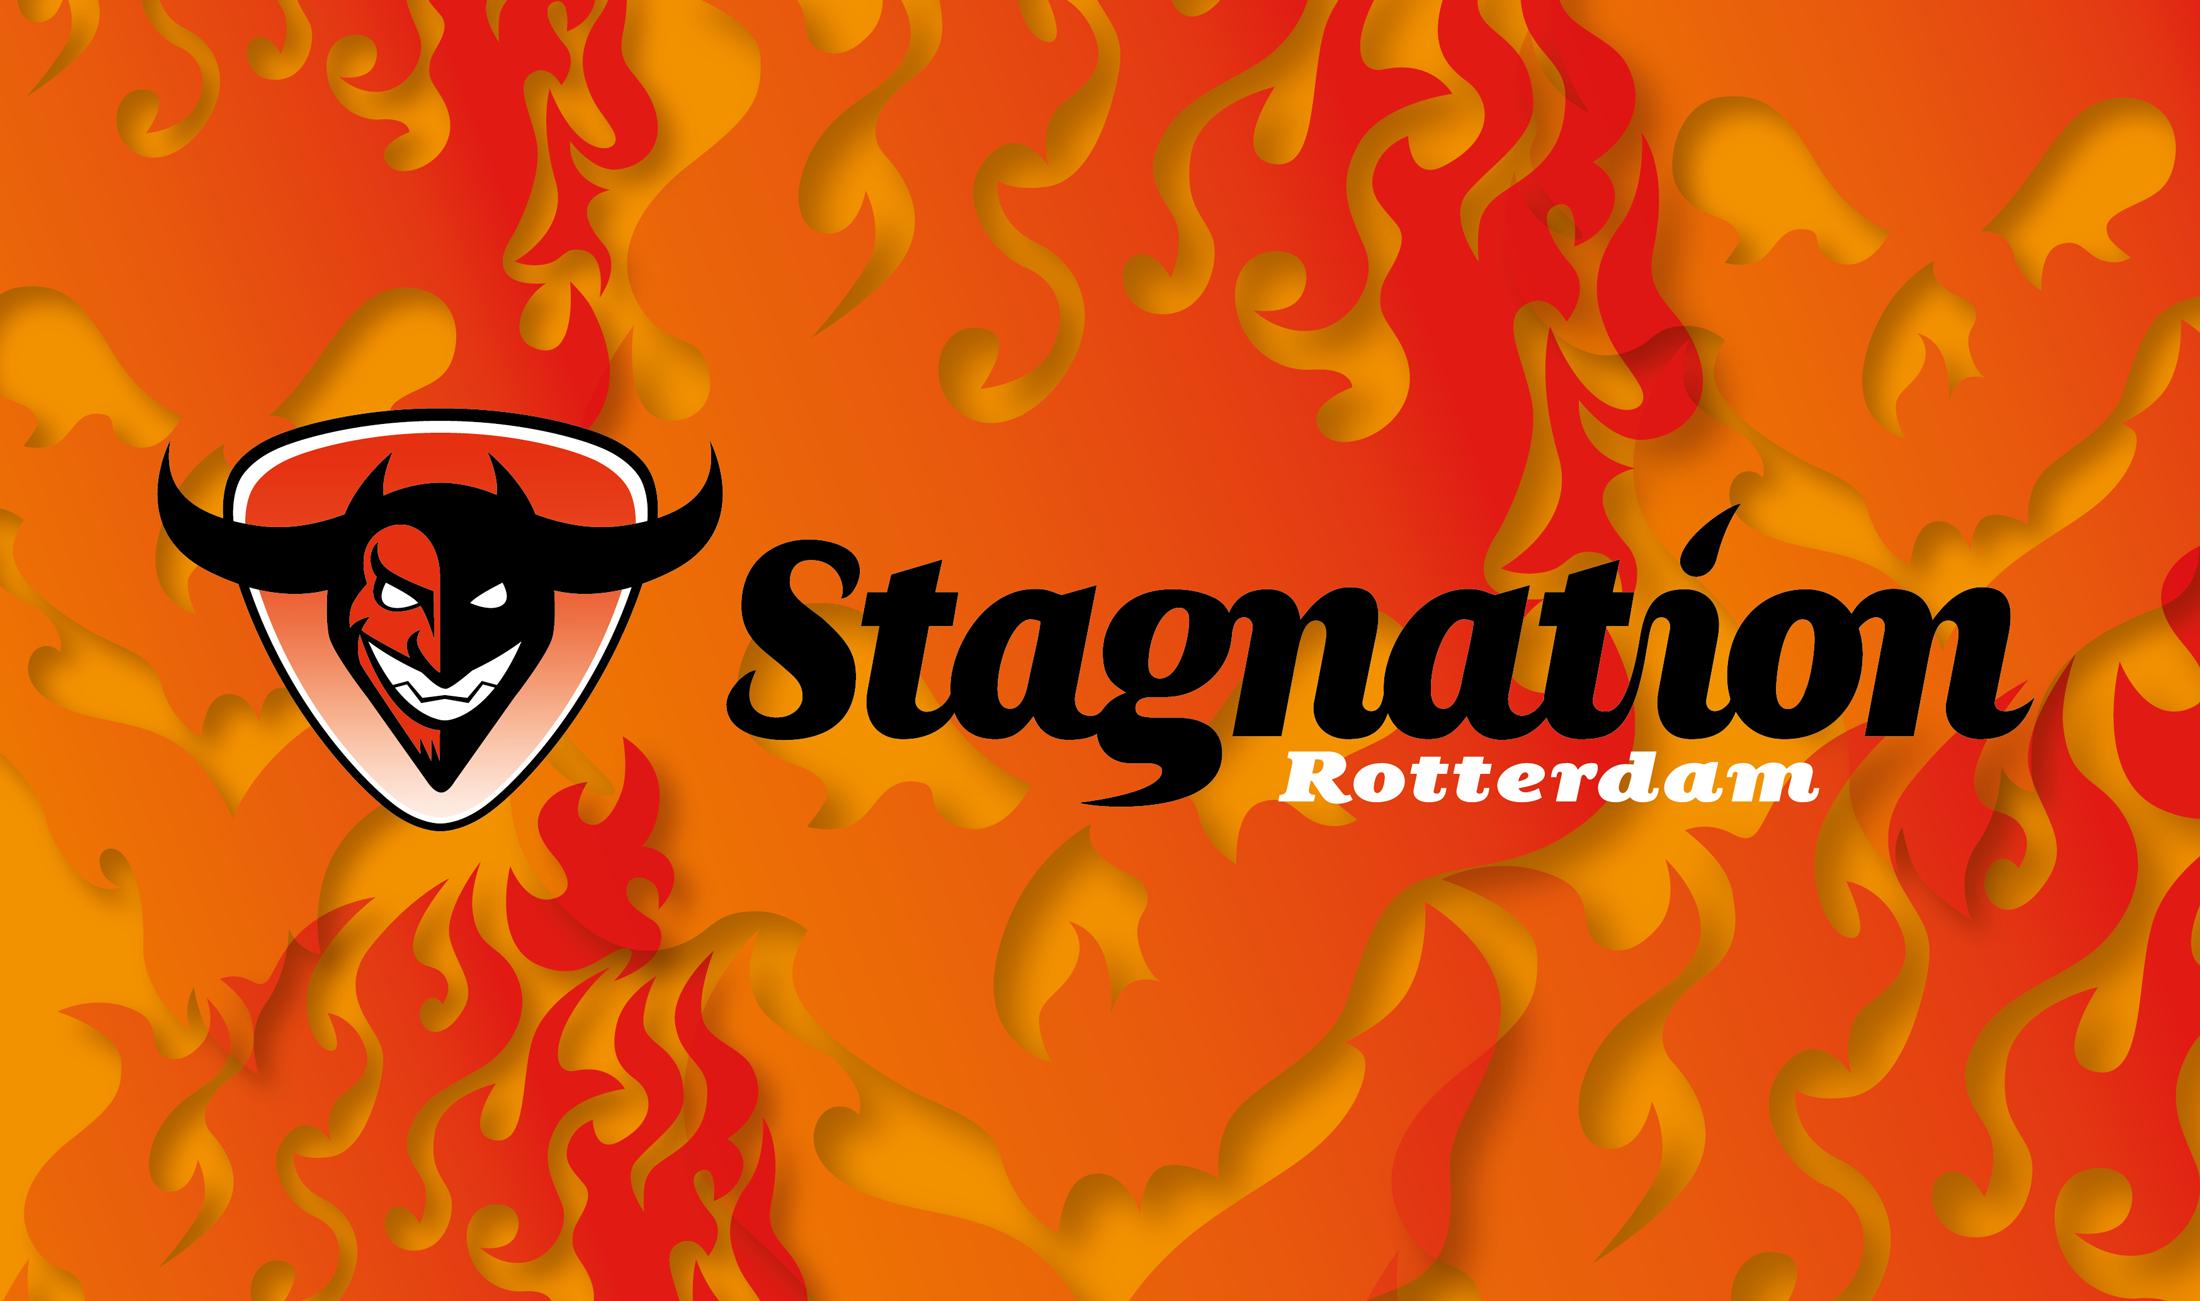 FireSkull_Stagnation